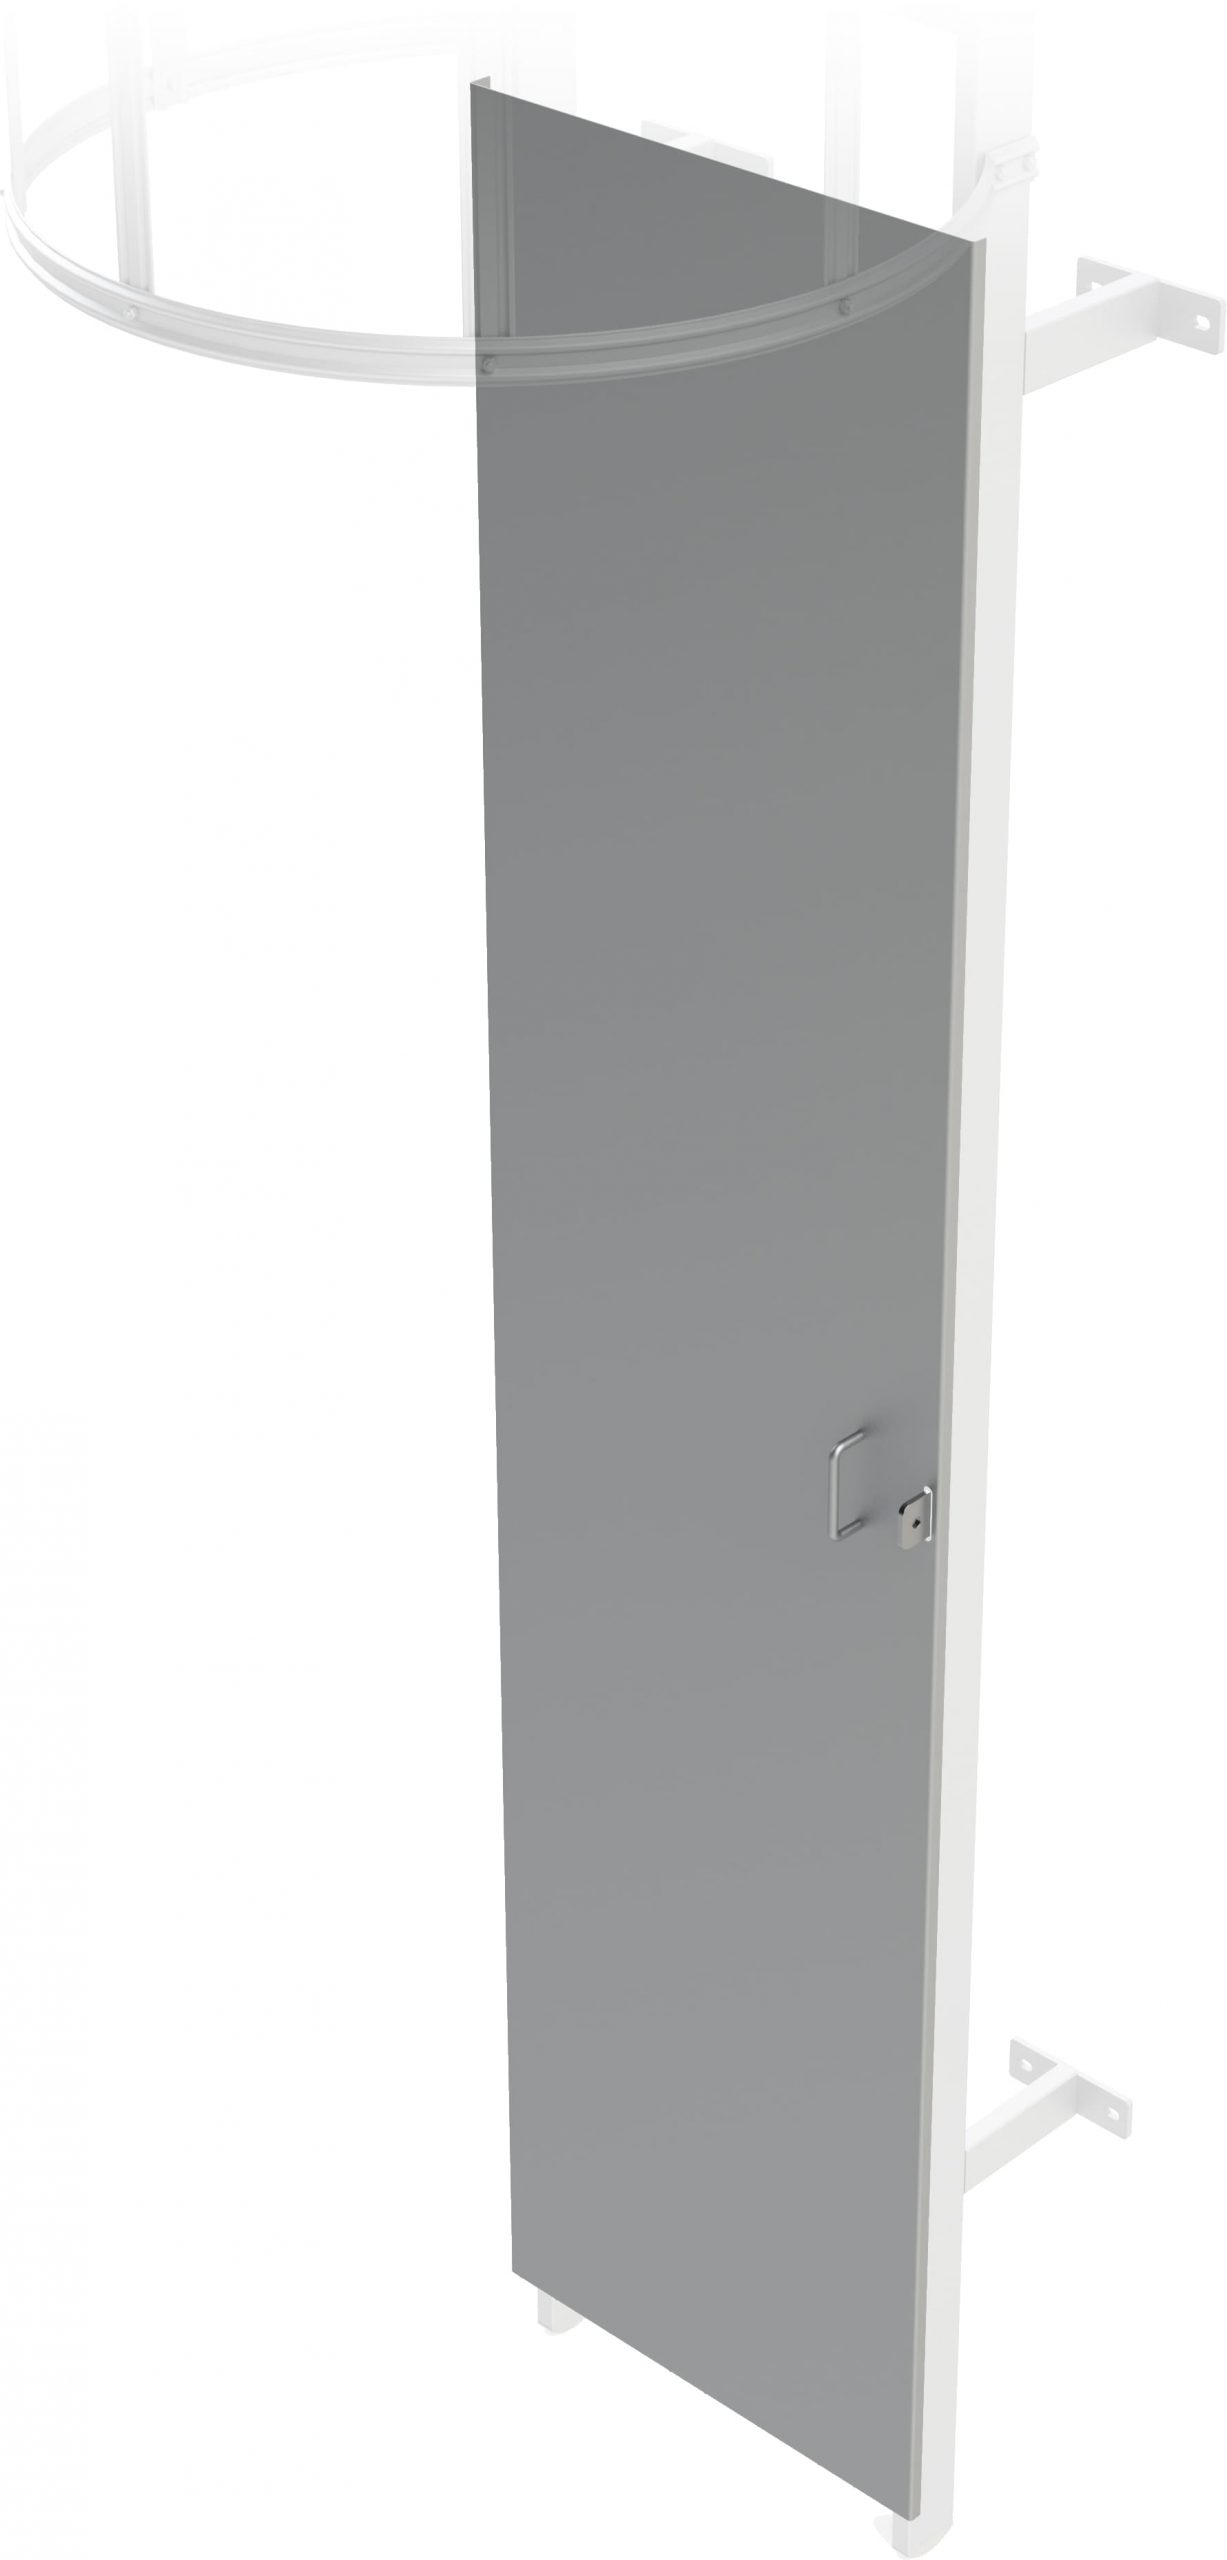 zabezpečenie vstupu - plechové krytie pre výstupový rebrík na budove